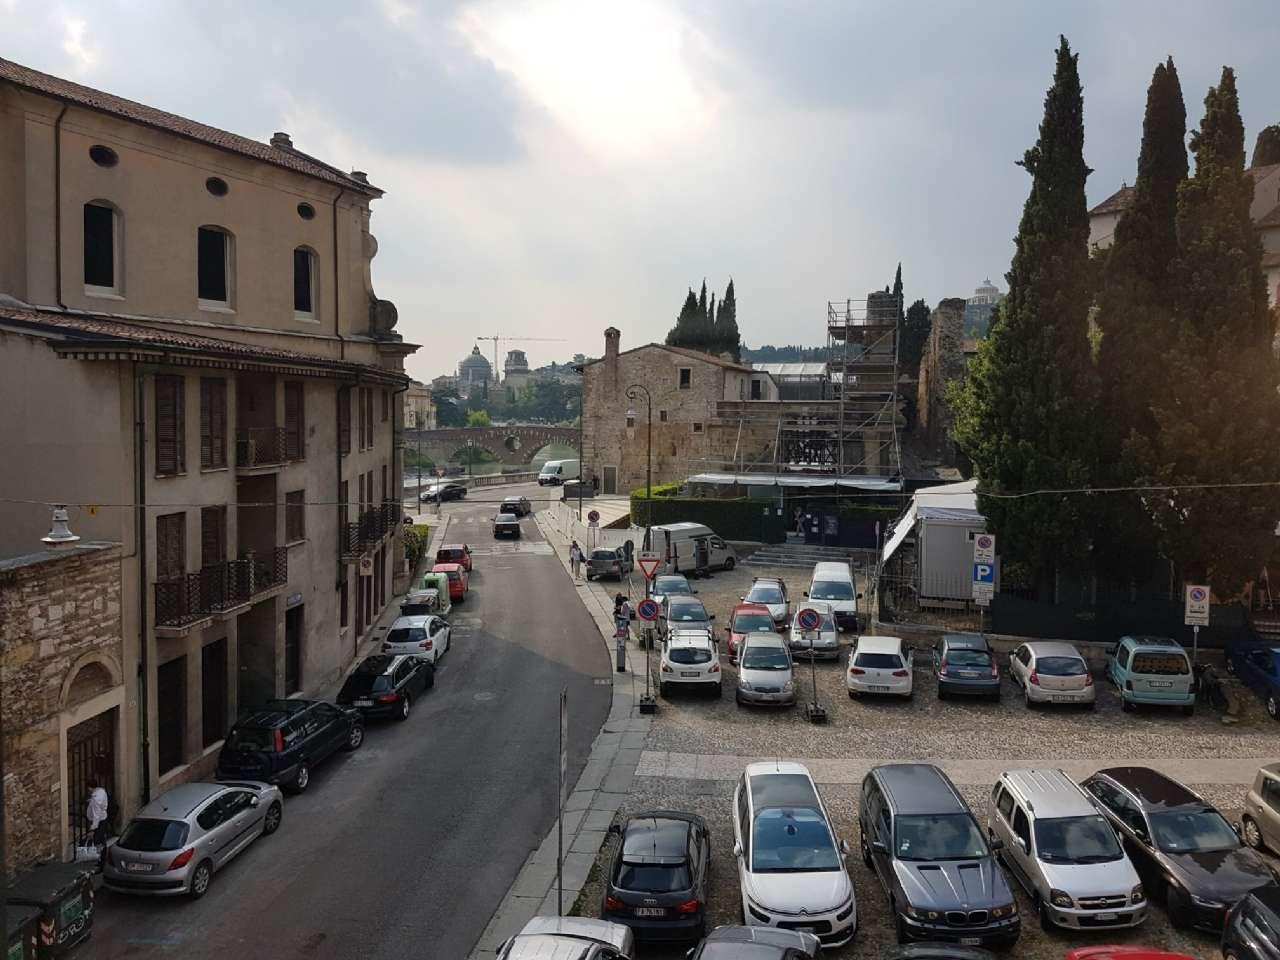 Appartamento in affitto a Verona, 2 locali, zona Zona: 1 . ZTL - Piazza Cittadella - San Zeno - Stadio, prezzo € 850   CambioCasa.it